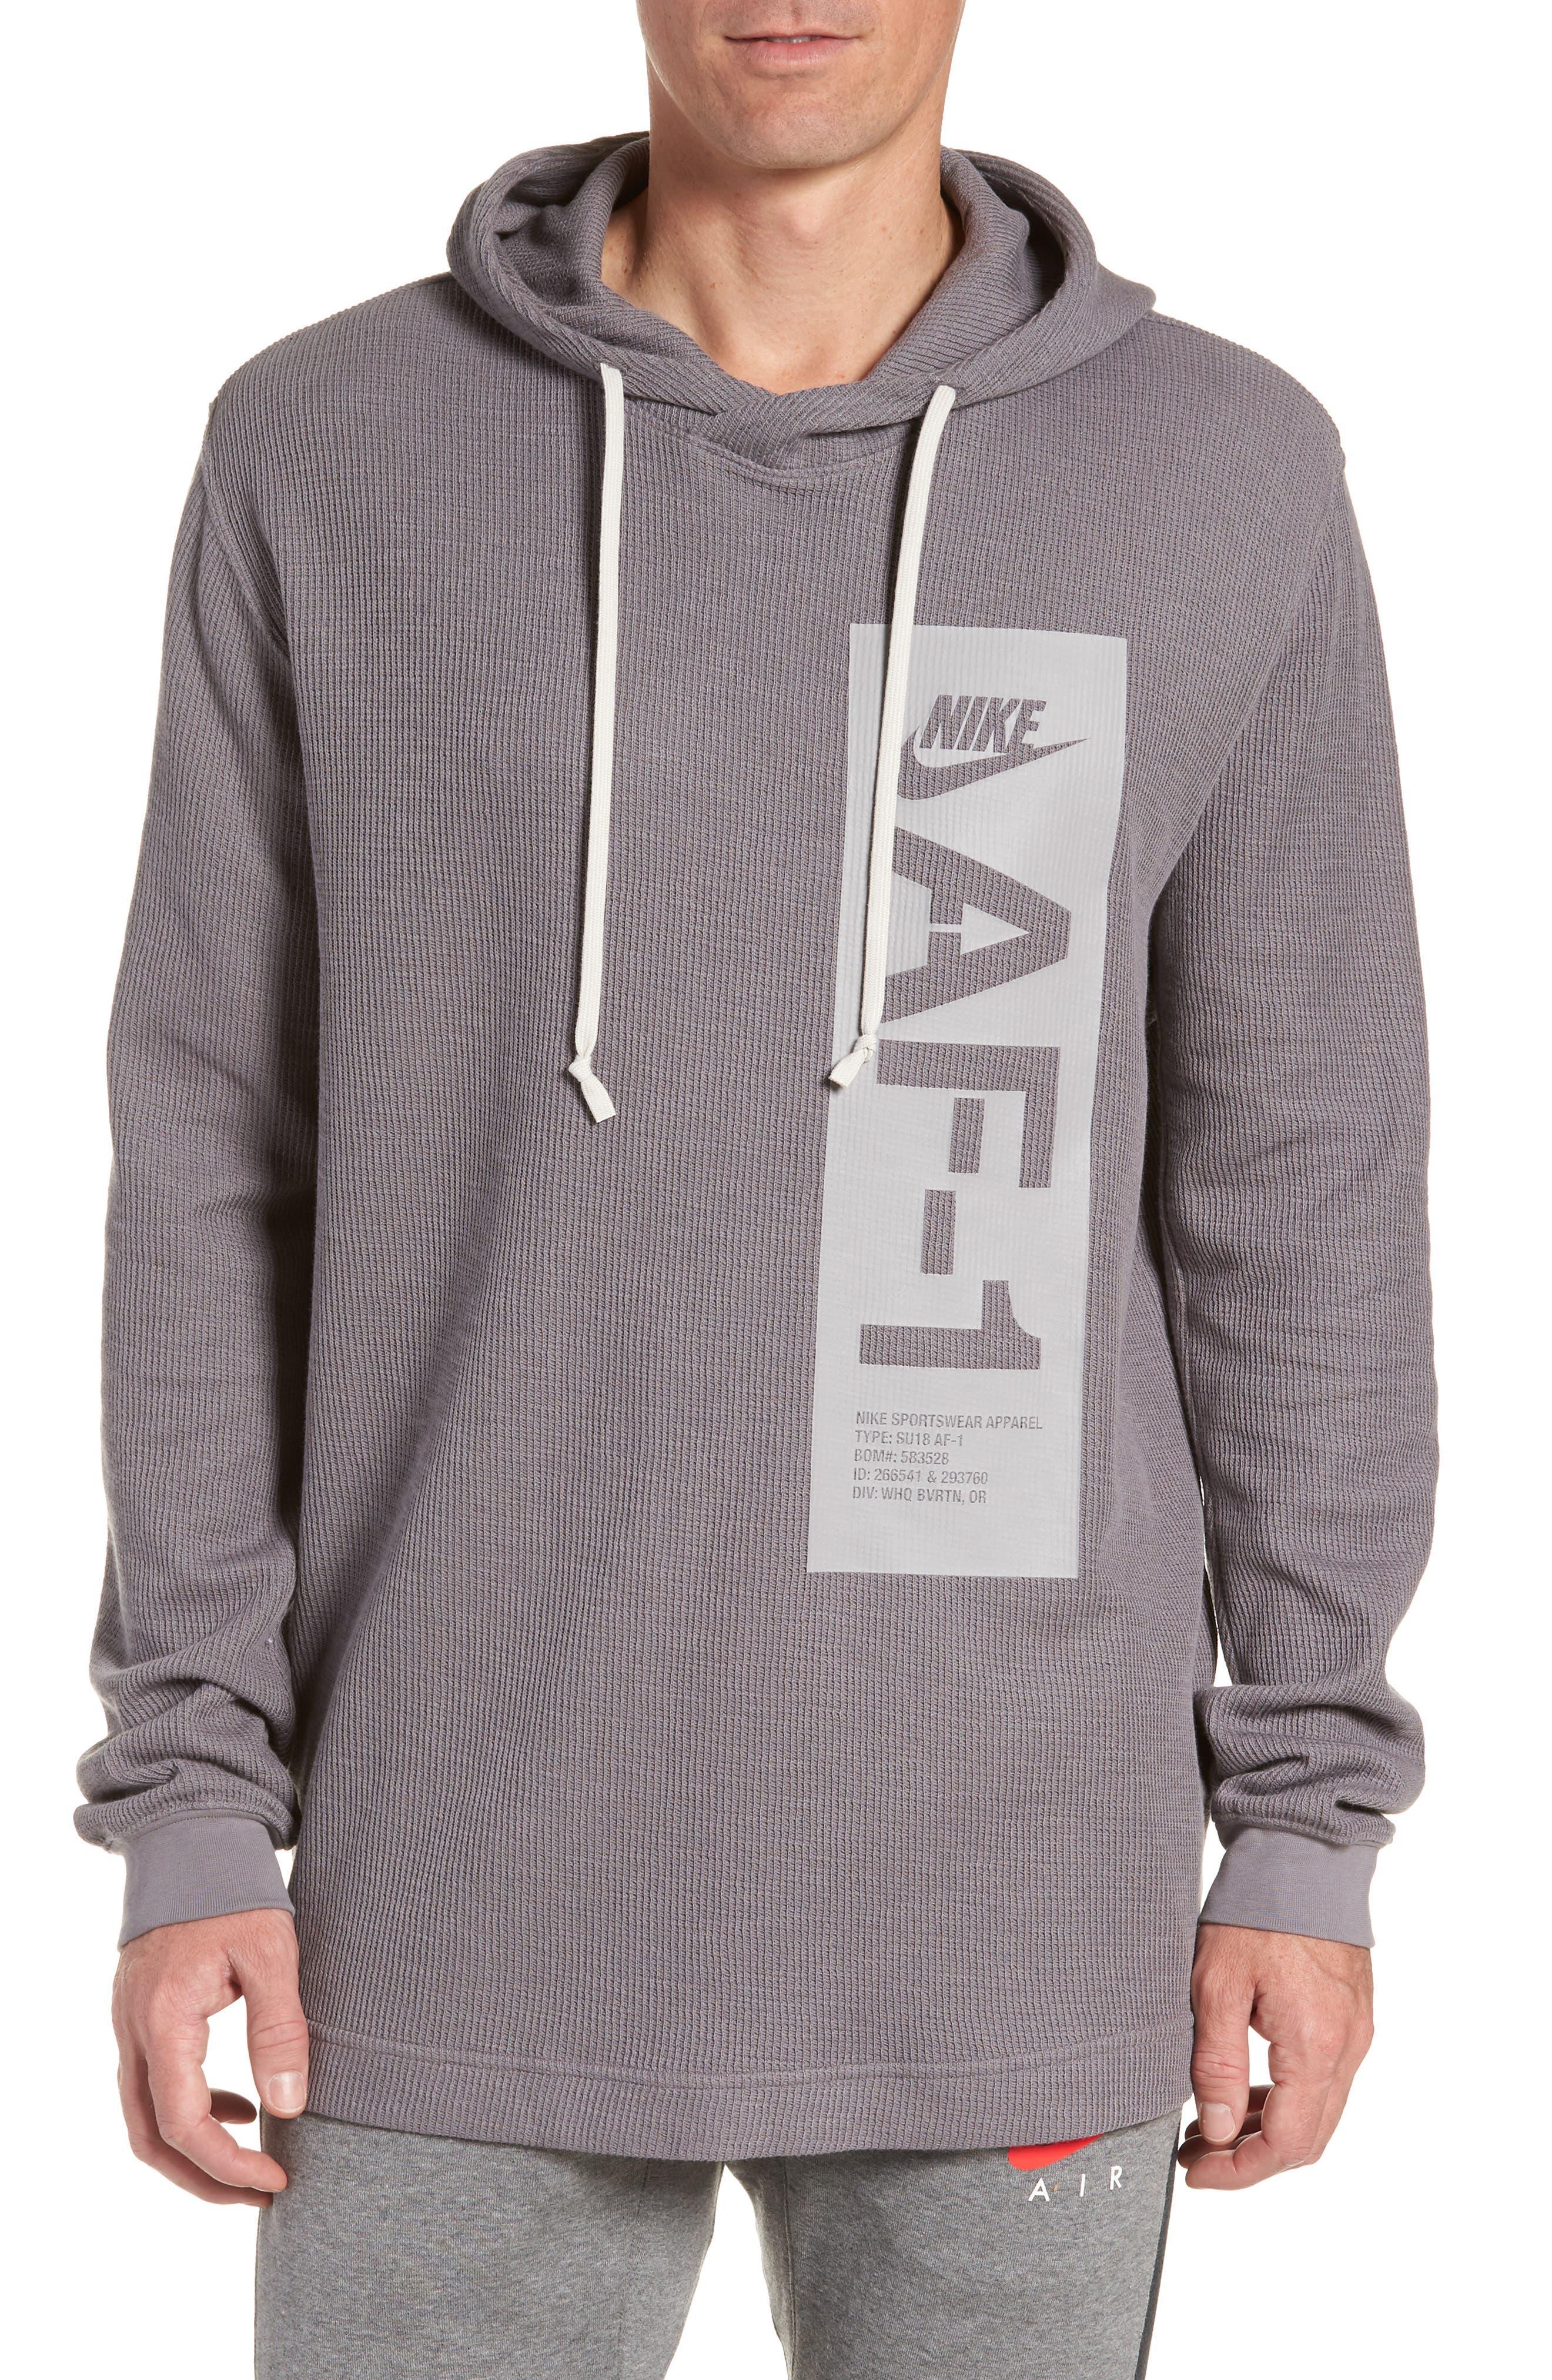 NIKE Sportswear AF-1 Hoodie, Main, color, 036